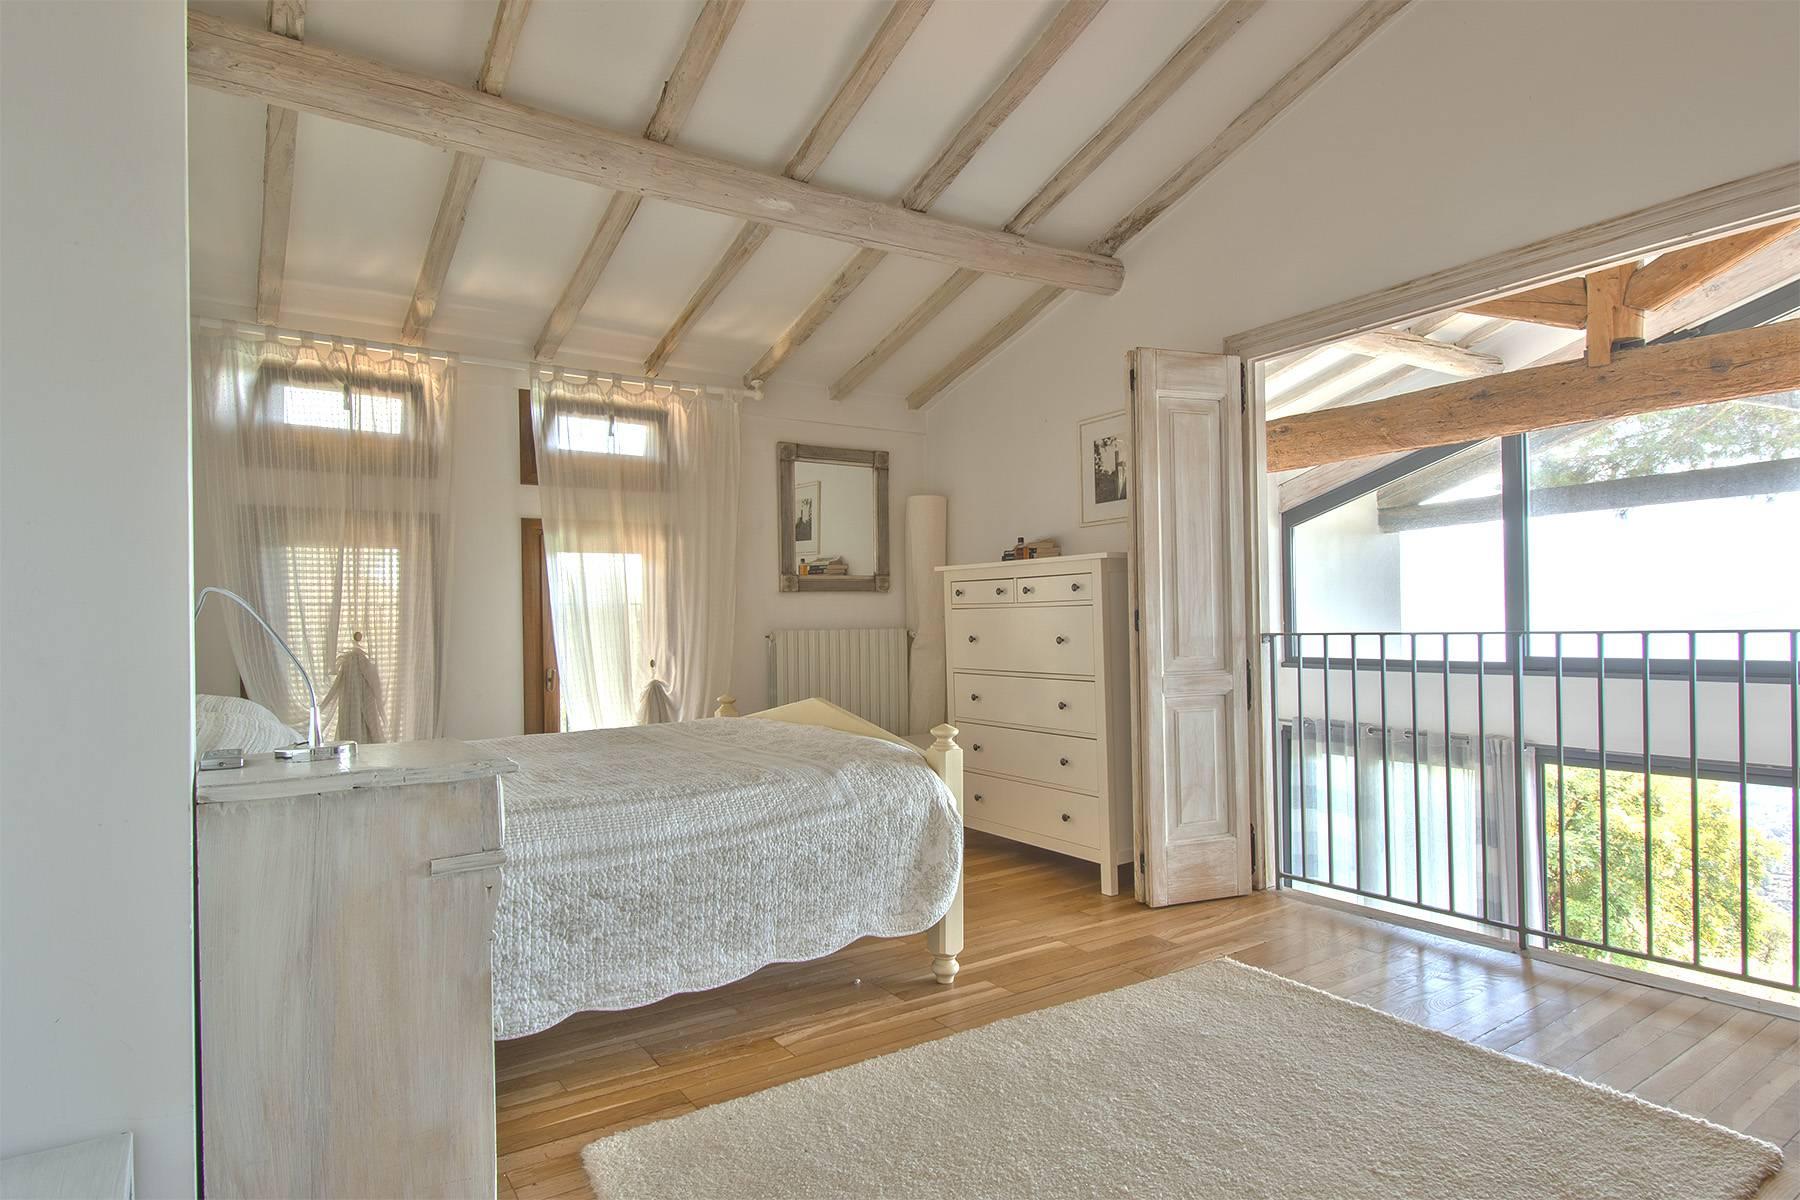 Villa in Vendita a Montecatini-Terme: 5 locali, 250 mq - Foto 11